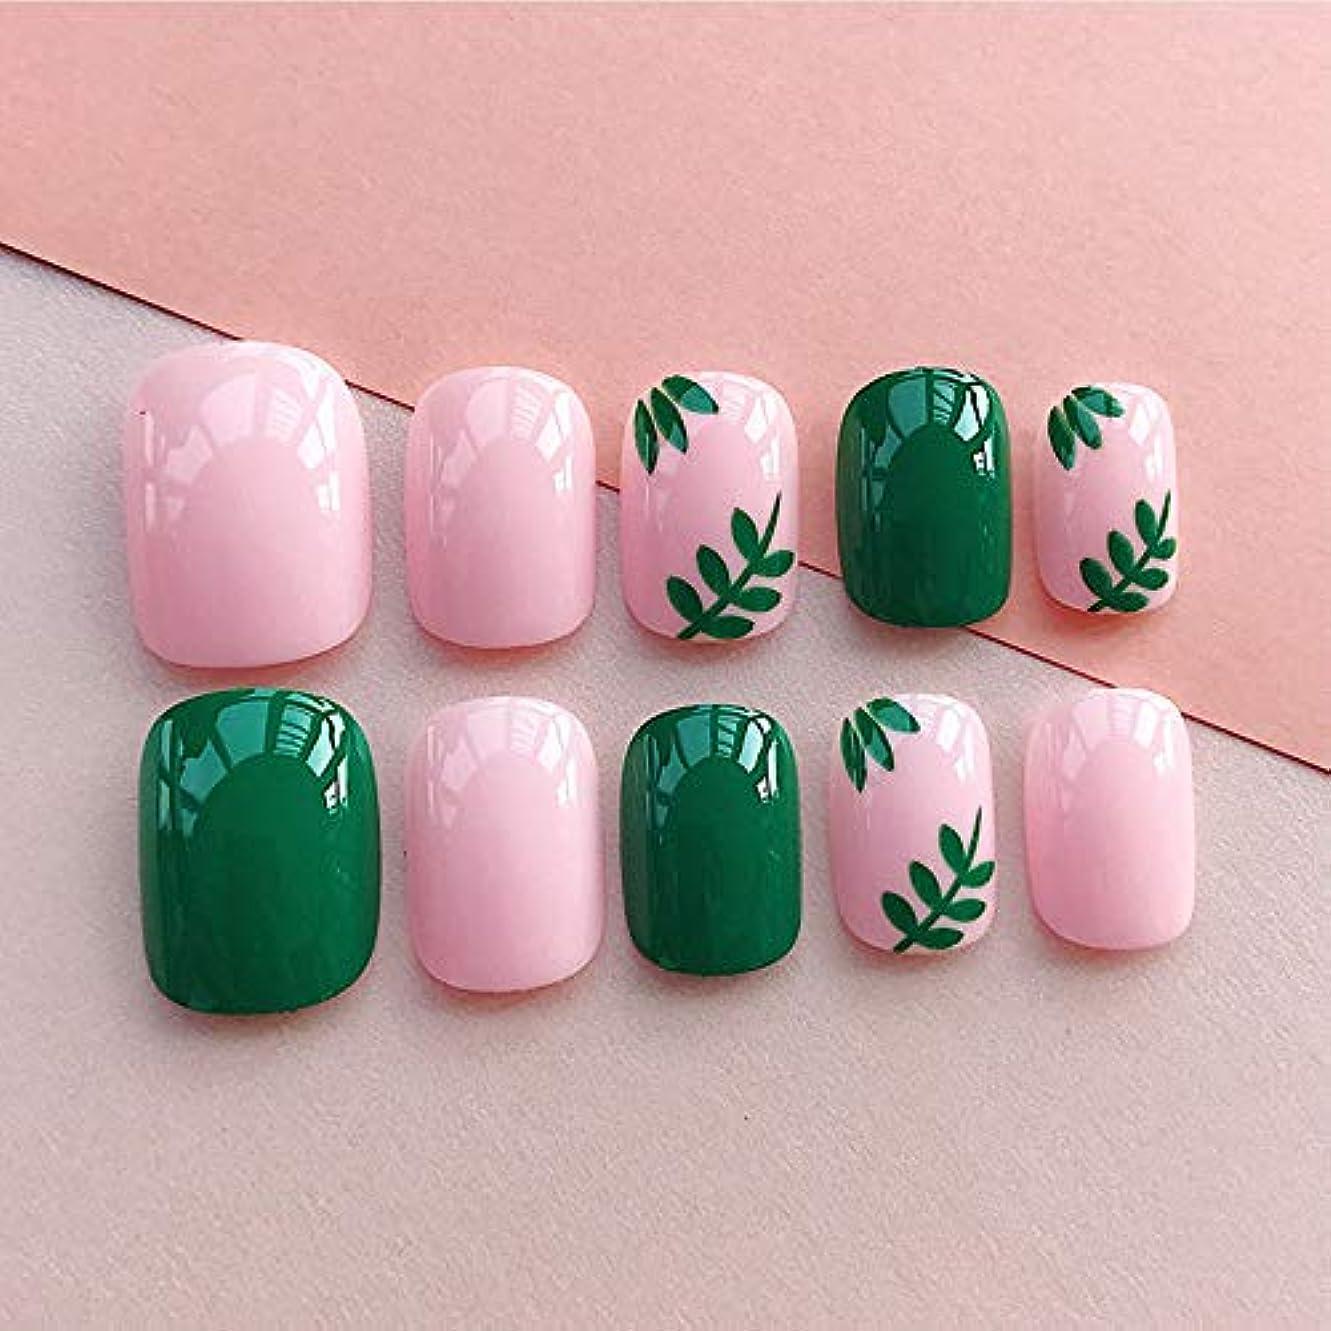 磁気床来てLIARTY ネイルチップ 夏の ピンク 緑の葉 優雅 短い 四角形 フルカバー 24枚 12別サイズ つ